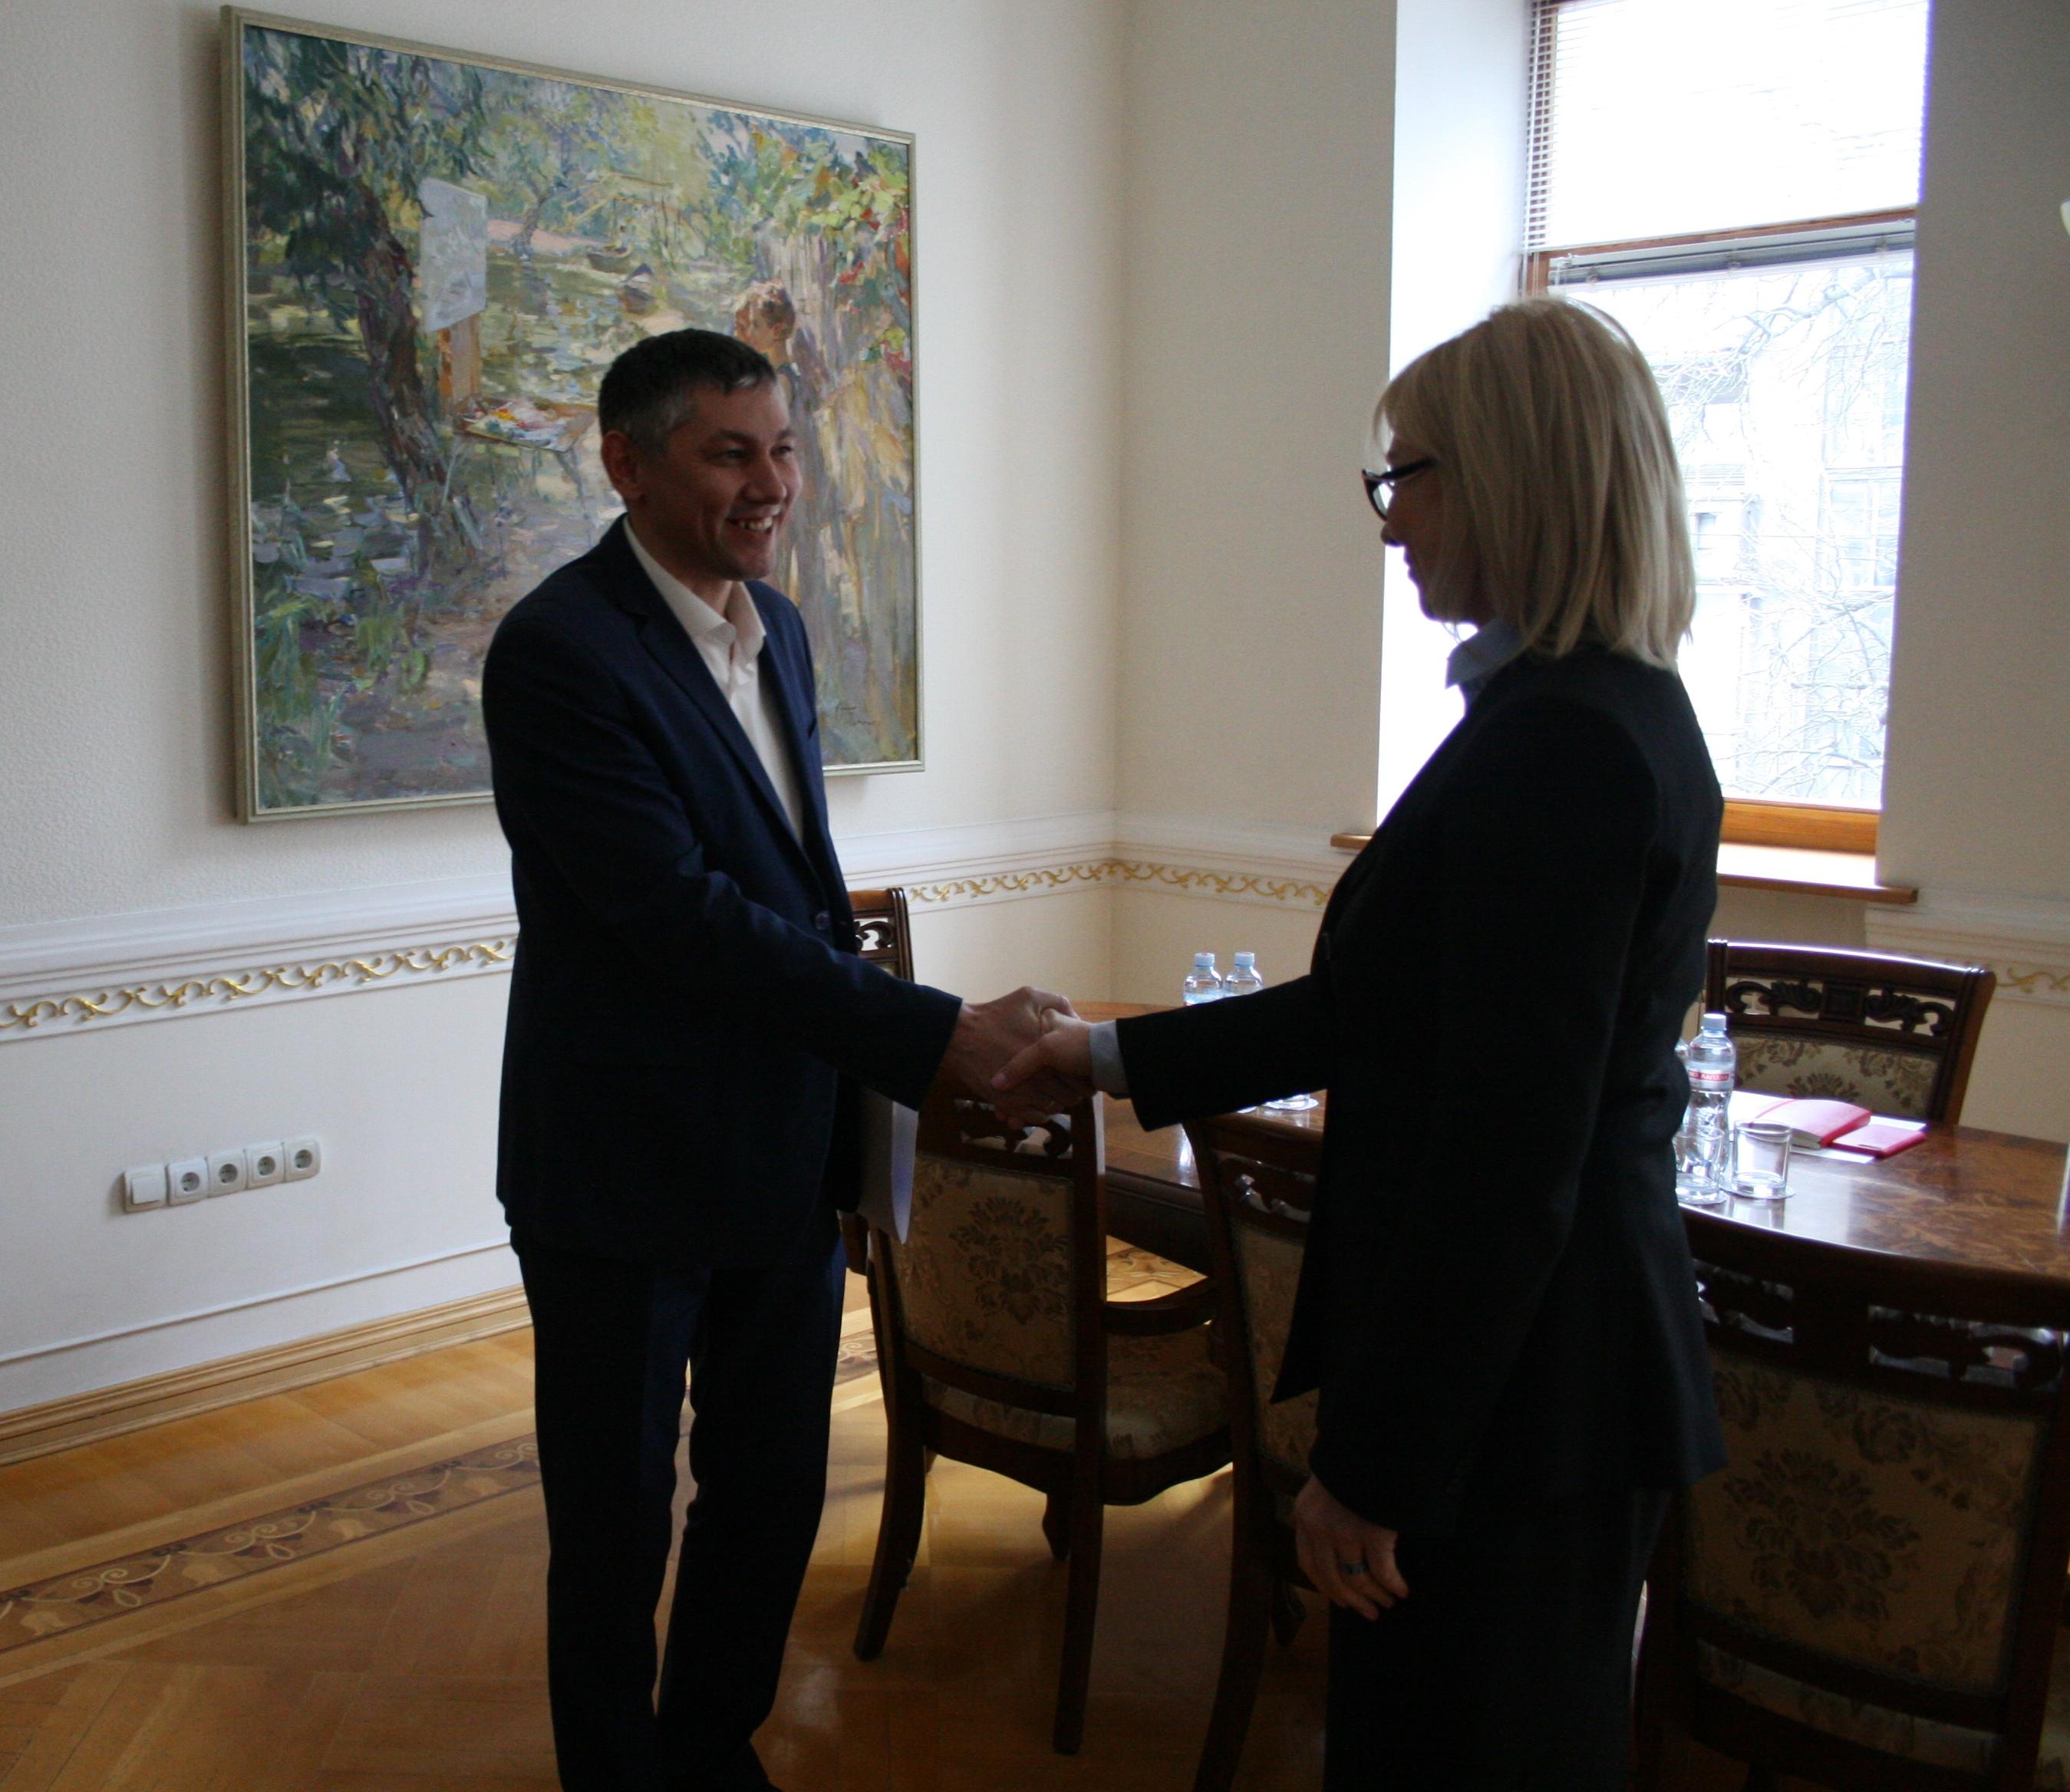 Уповноважений Людмила Денісова та Голова Громадської організації «Україна без тортур» Олександр Гатіятуллін домовилися про співпрацю